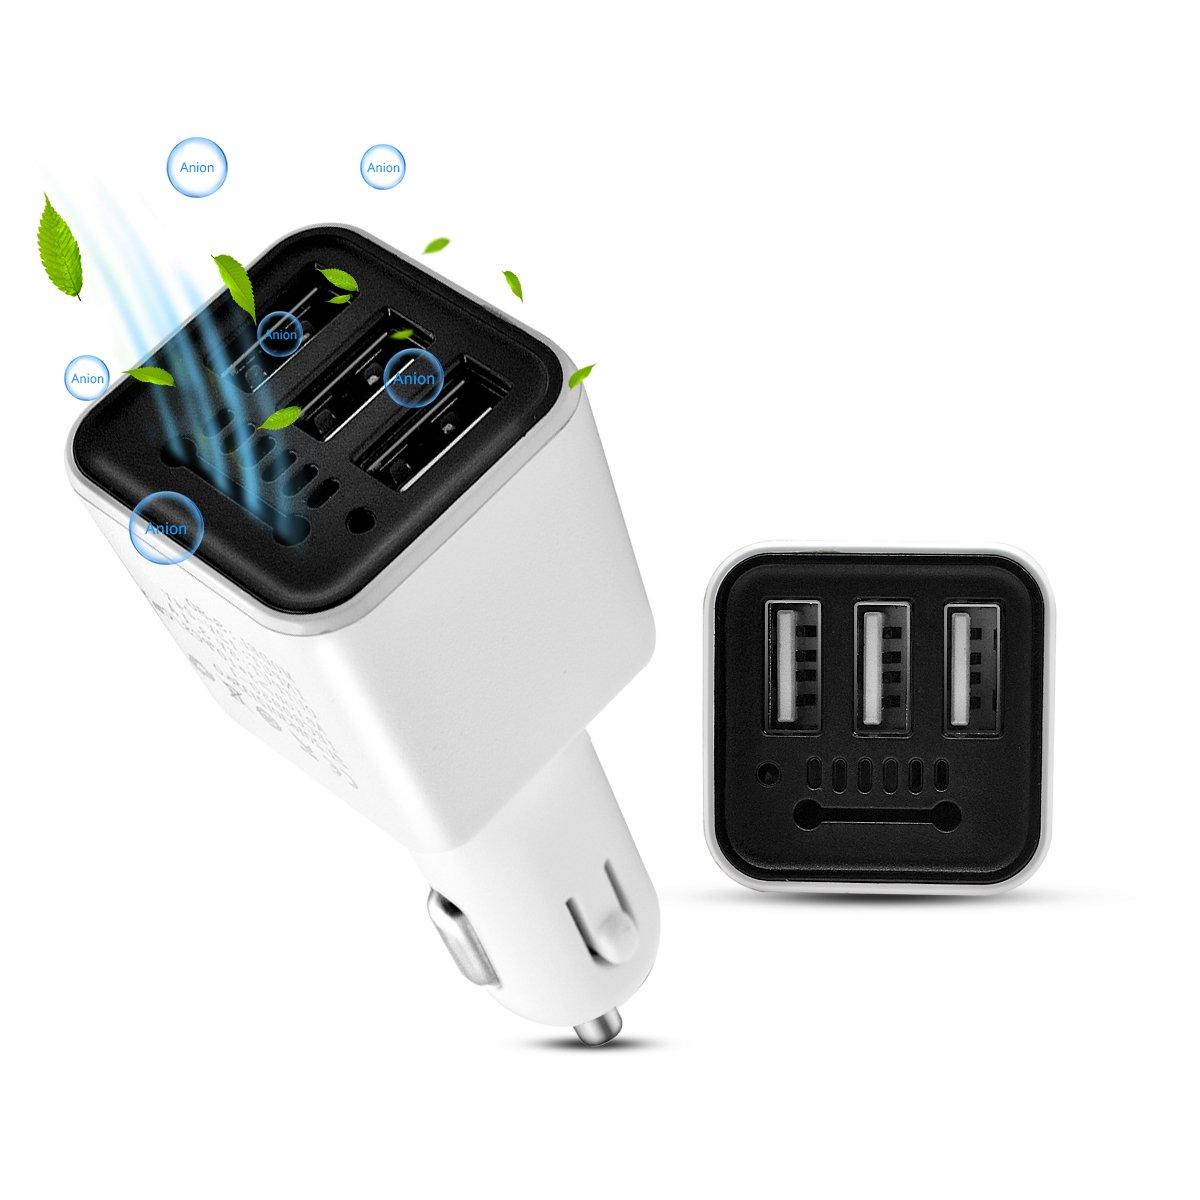 Cargador de coche con ambientador iónico incluye puertos USB incluye purificador de